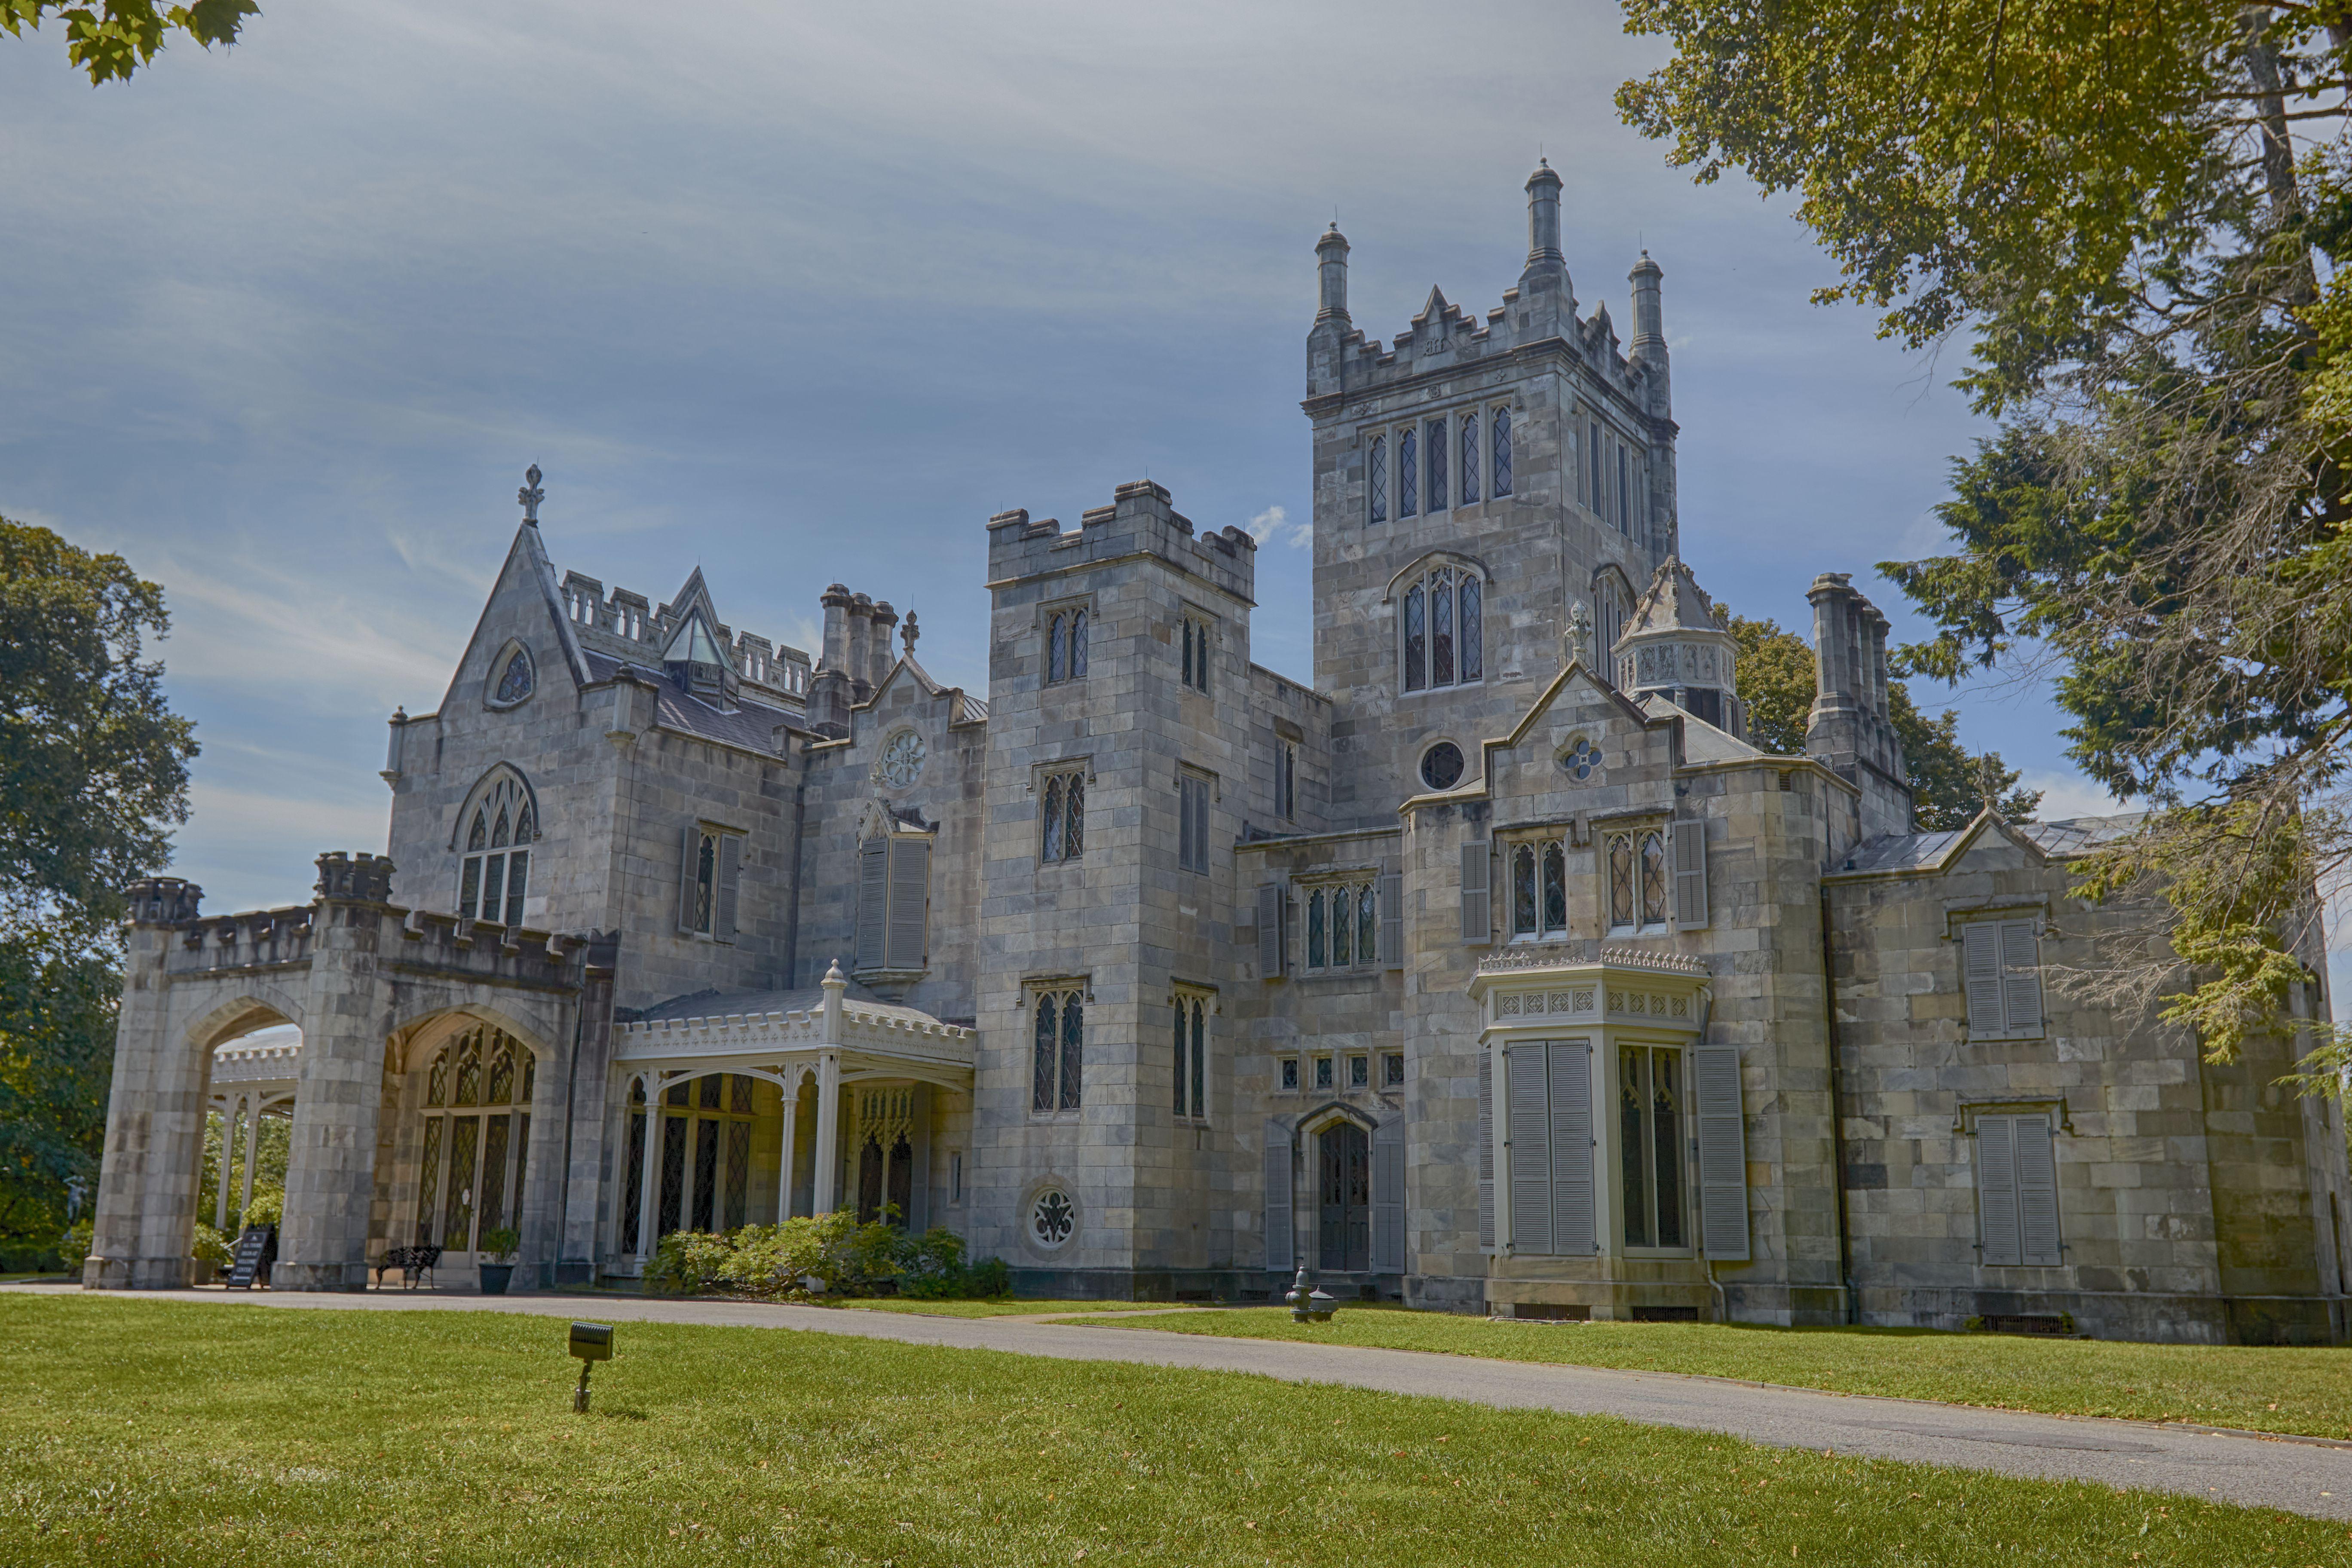 Exterior of Lyndhurst mansion.